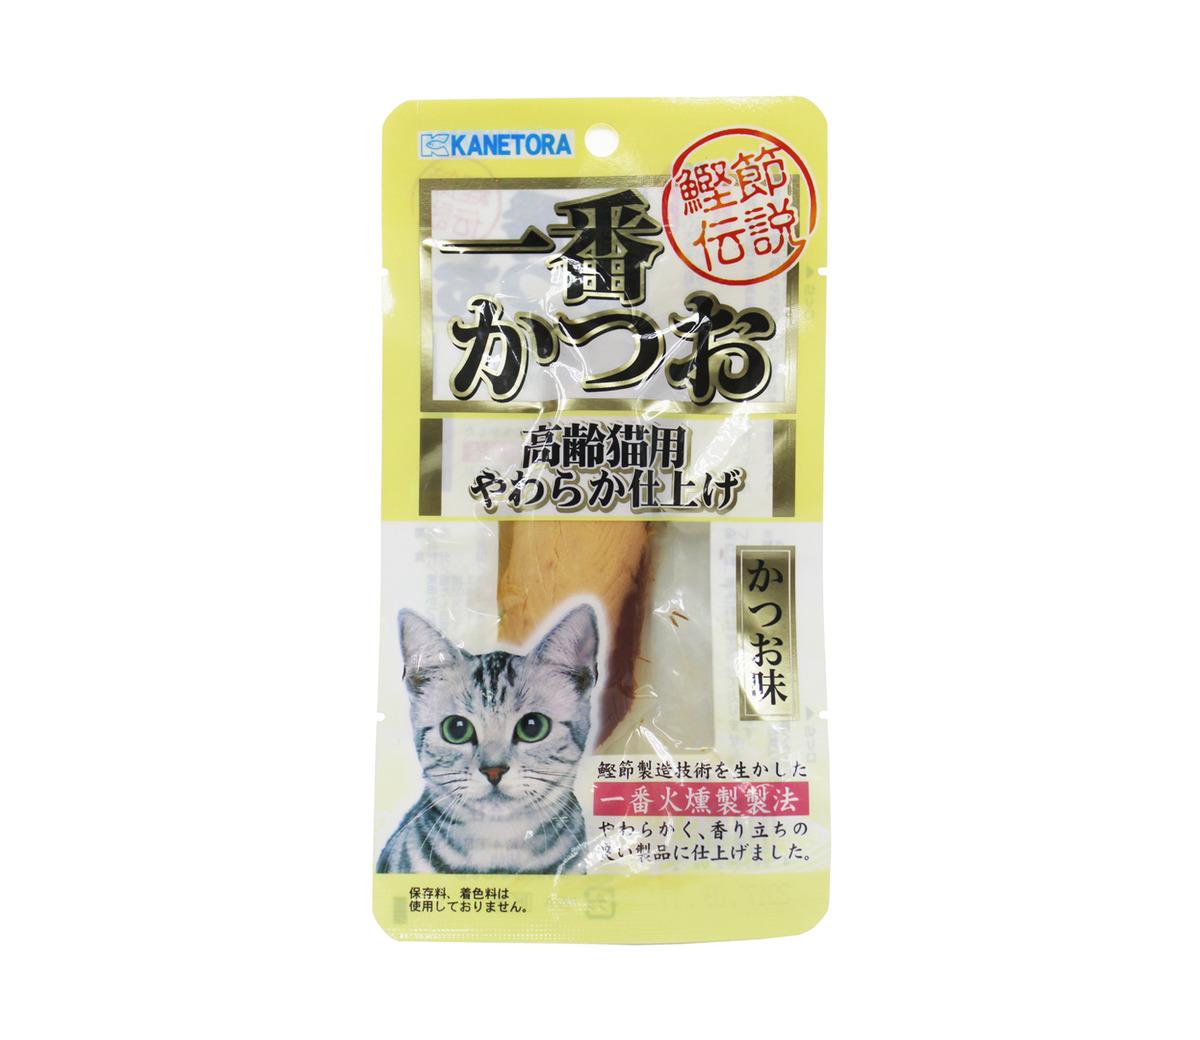 鰹魚條 / 高l齡貓(22克)